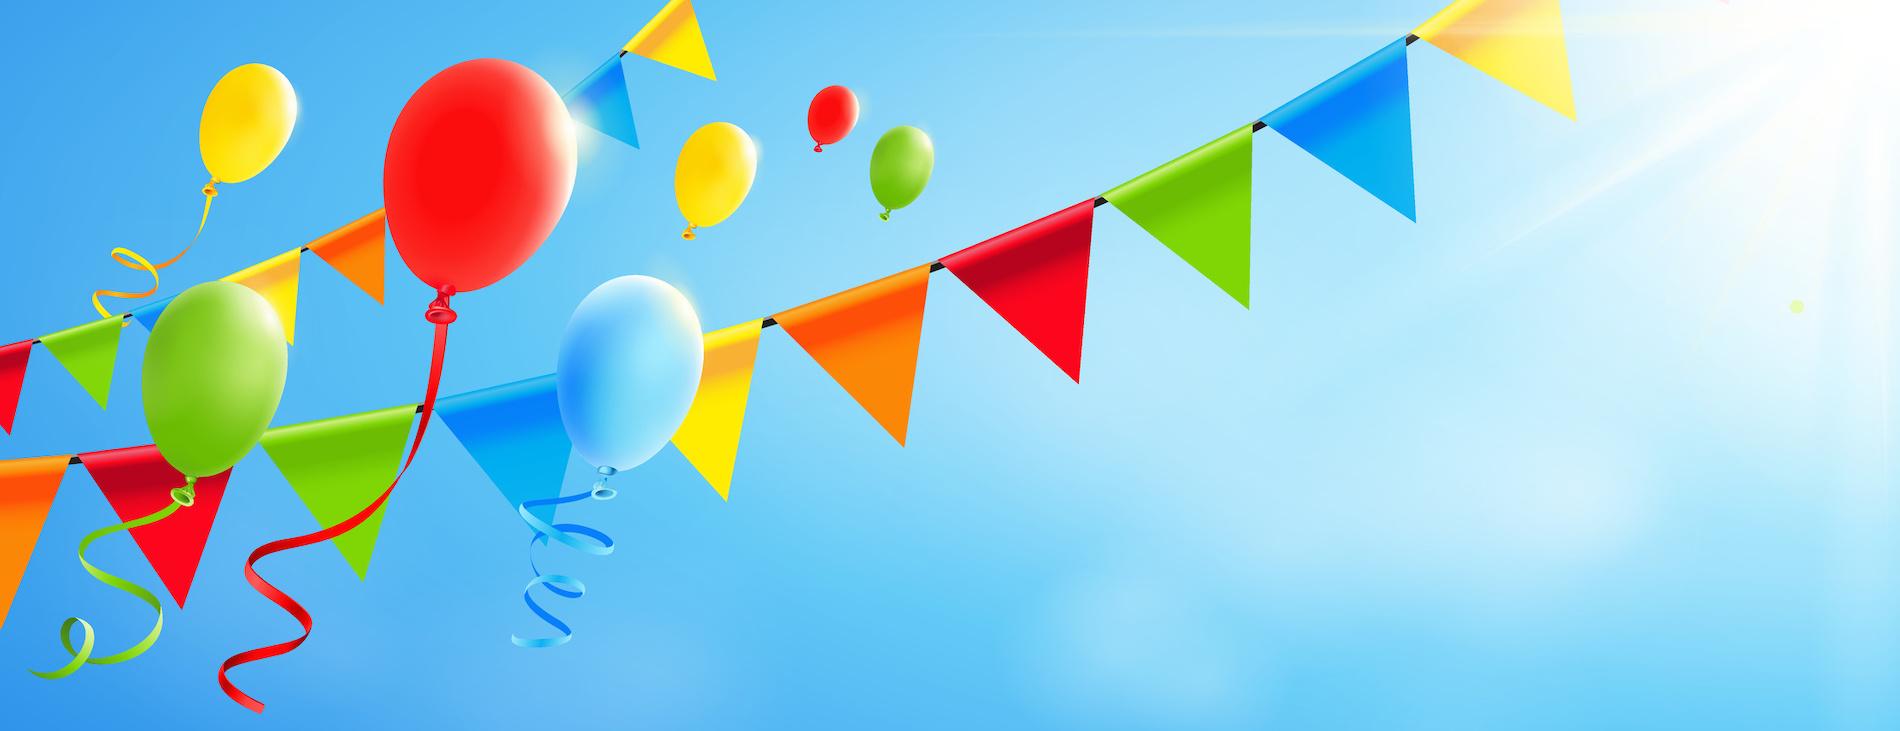 Bunte fliegende Luftballons mit Girlanden und sonnigem Himmel – Banner mit Textfreiraum